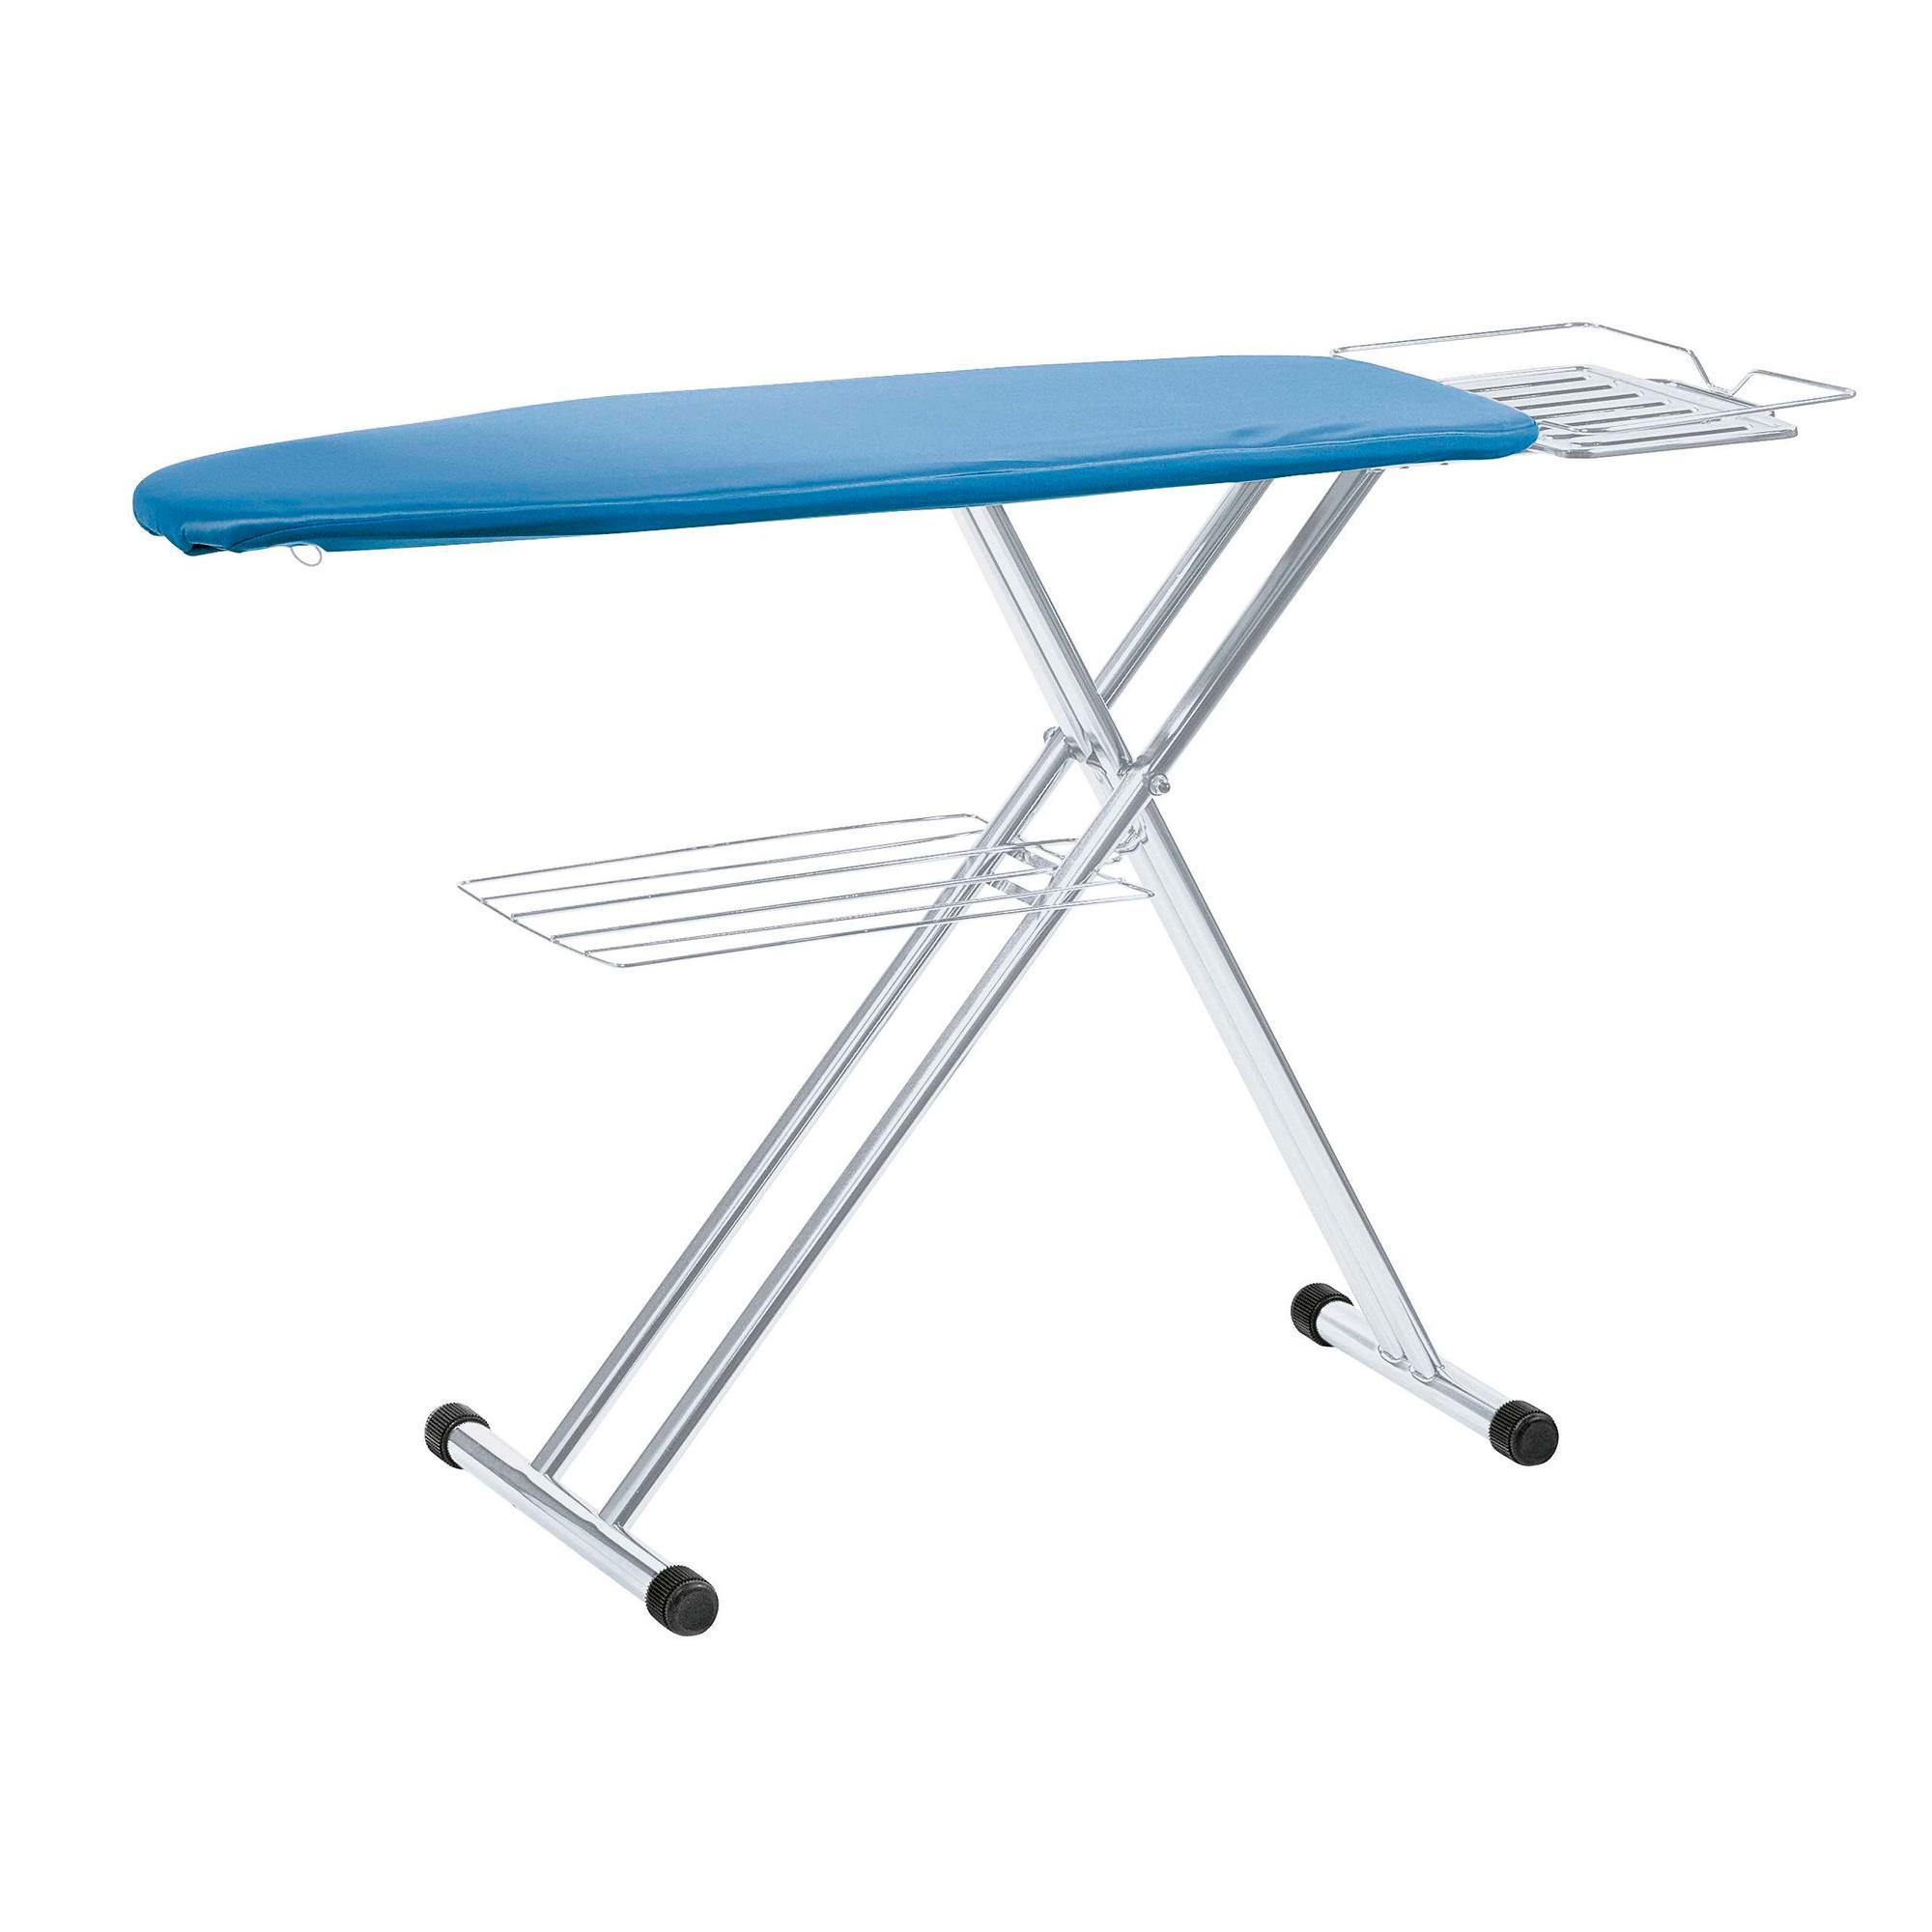 Tavola da stiro tecnostiro cromato tavolo da stiro - Foppapedretti tavolo da stiro ...